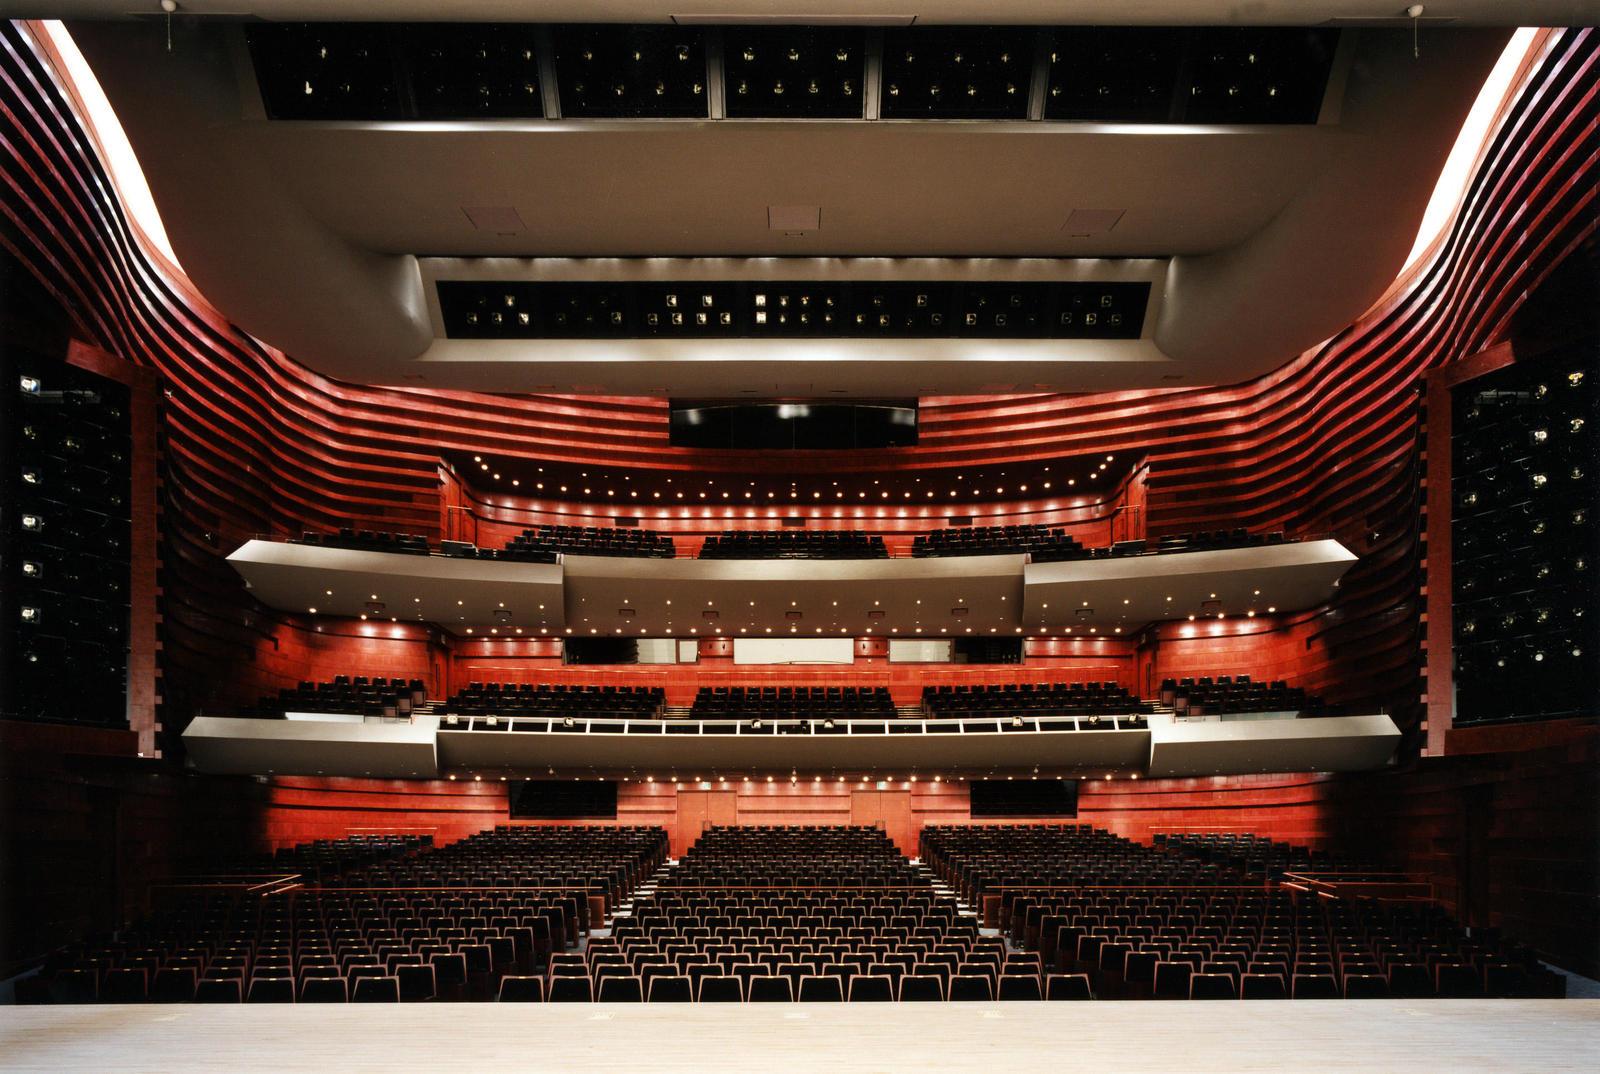 劇場 ホール 大 芸術 北九州